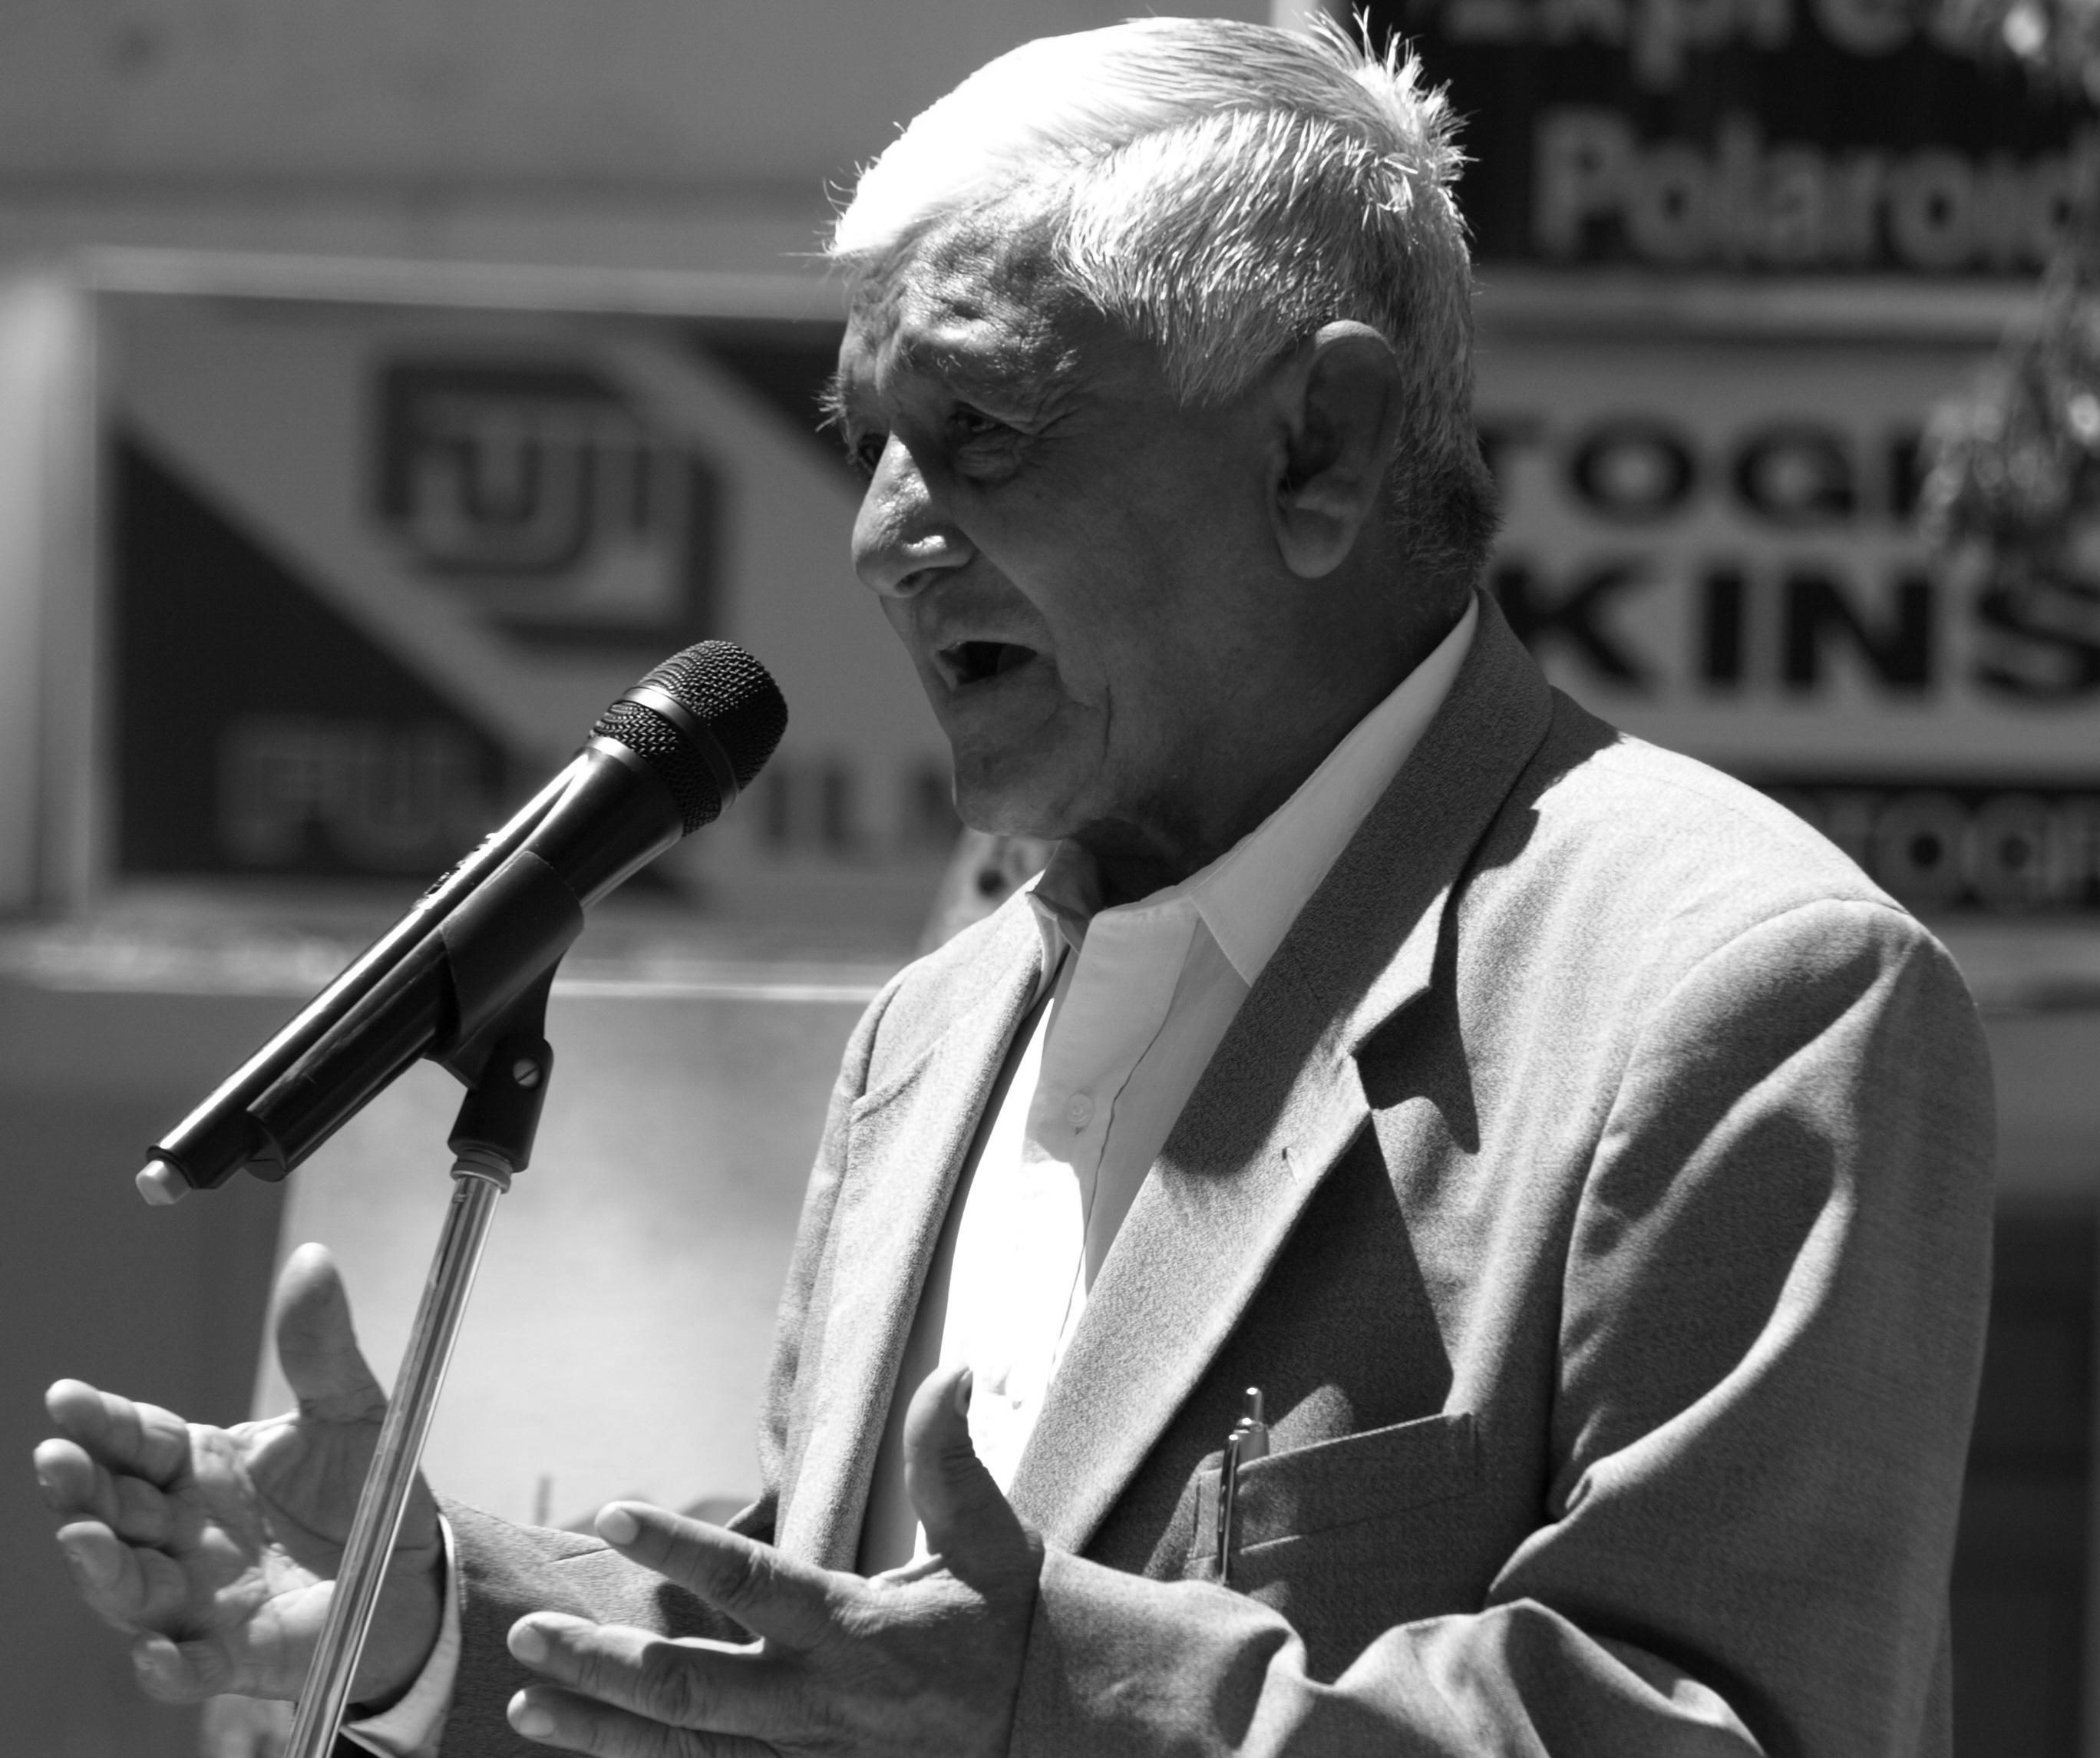 Juan Vallejos García, travesía minera y poética